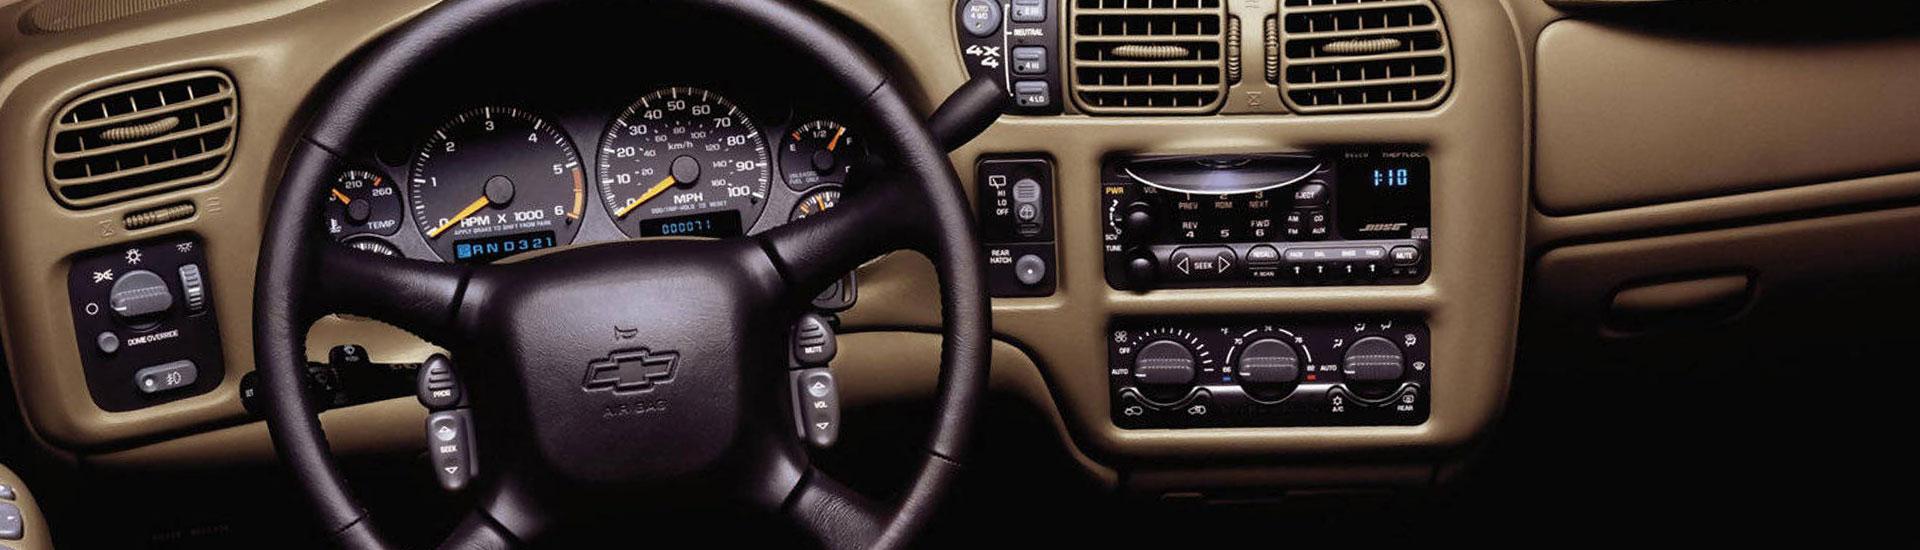 Blazer chevy blazer 2002 : Chevrolet Blazer Dash Kits | Custom Chevrolet Blazer Dash Kit